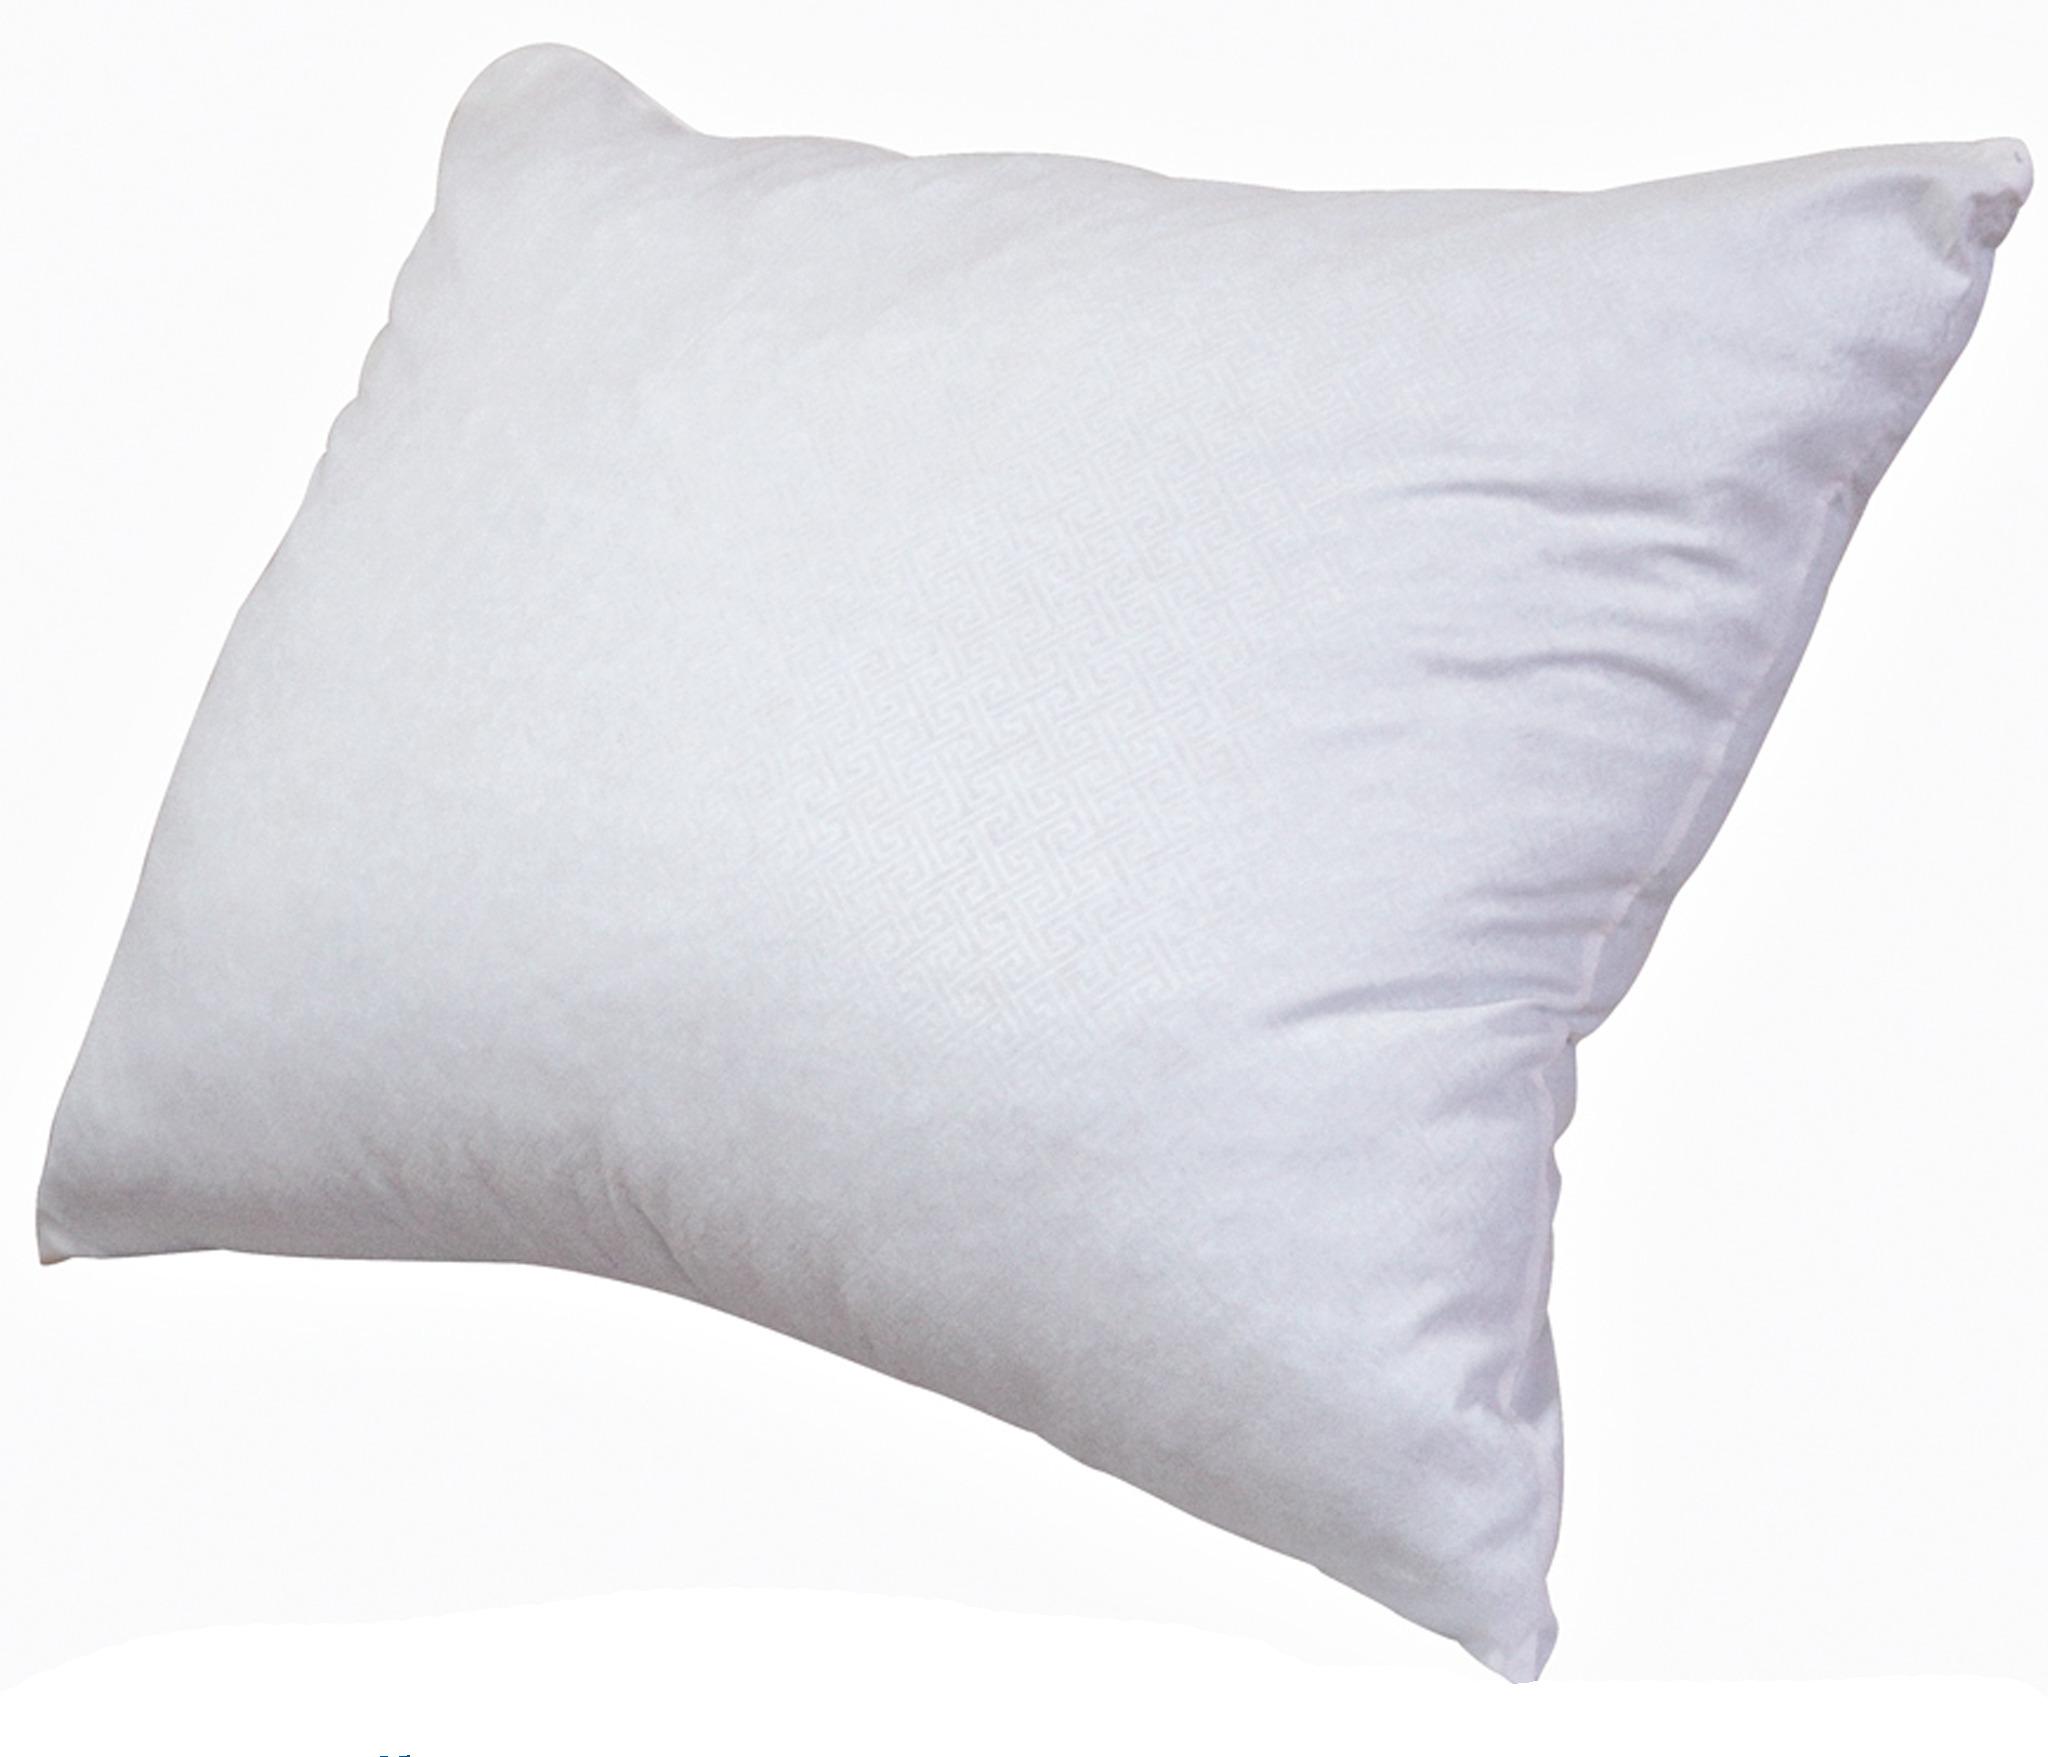 """Подушка ортопедическая Comfort C2 LПодушки<br>Ее можно обнимать и подстраивать под нужную позицию , как традиционную подушку.&#13;В отличие от традиционных подушка """"Гранд Комфорт"""" не теряет свою форму и поддерживает голову всю ночь&#13;Размер L : 38х60 см, высота 15 см&#13;Чехол съемный: микрофибра 100% ПЭ, внешний чехол: нежный плотный трикотаж , 100: ПЭ&#13;Внутренний несъёмный чехол: ортопедическая пена c памятью формы OPTIREST&#13;Упаковка: пакет 40 мкн&#13;Предназначена :&#13;-для обеспечения естественного положения и полноценного отдыха шеи и головы&#13;-для профилактики спазма затылочных мышц и шеи&#13;-для улучшения кровоснабжения головного мозга и стимулирования его работы&#13;-для снятия зрительной нагрузки и профилактики близорукости&#13;- для профилактики инсульта в вертебро-базилярной системе&#13;-для профилактики храпа&#13;-для профилактики общего стресса организма&#13;Свойства:&#13;-Принимает форму тела&#13;-способствует крепкому сну&#13;-помогает улучшить состояние организма&#13;-предотвращает появление клещей&#13;-экологически чистая&#13;-не вызывает аллергию&#13;]]&gt;<br><br>Длина мм: 0<br>Высота мм: 0<br>Глубина мм: 0"""